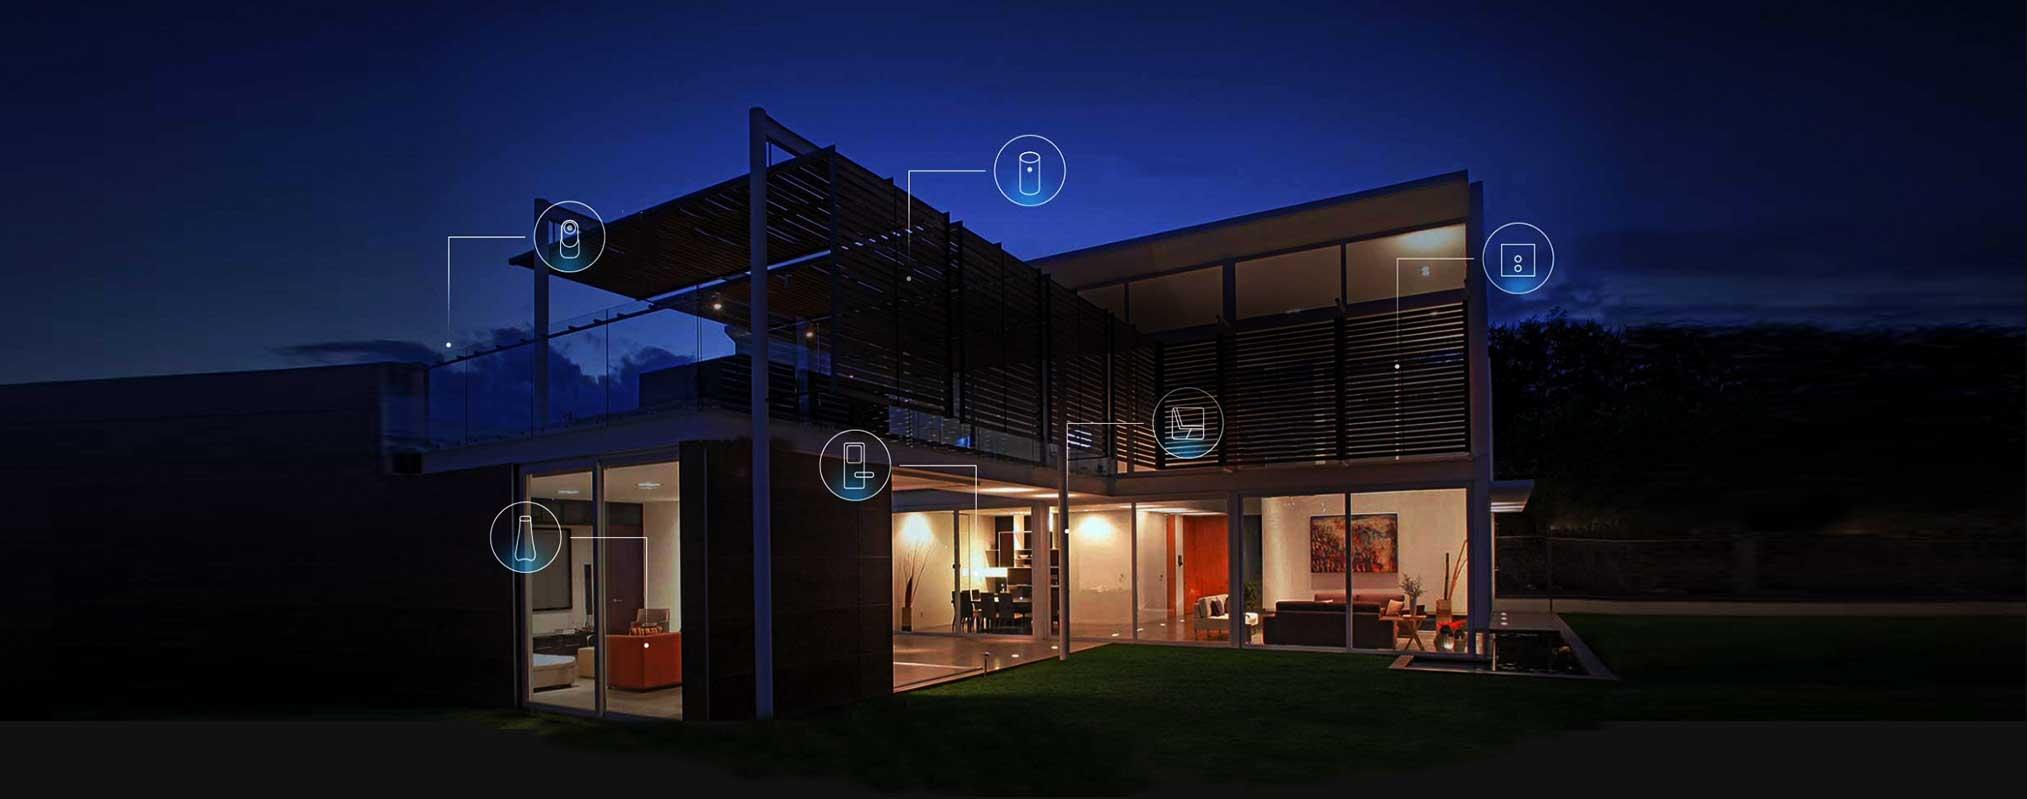 Giải pháp nhà thông minh chuẩn an ninh